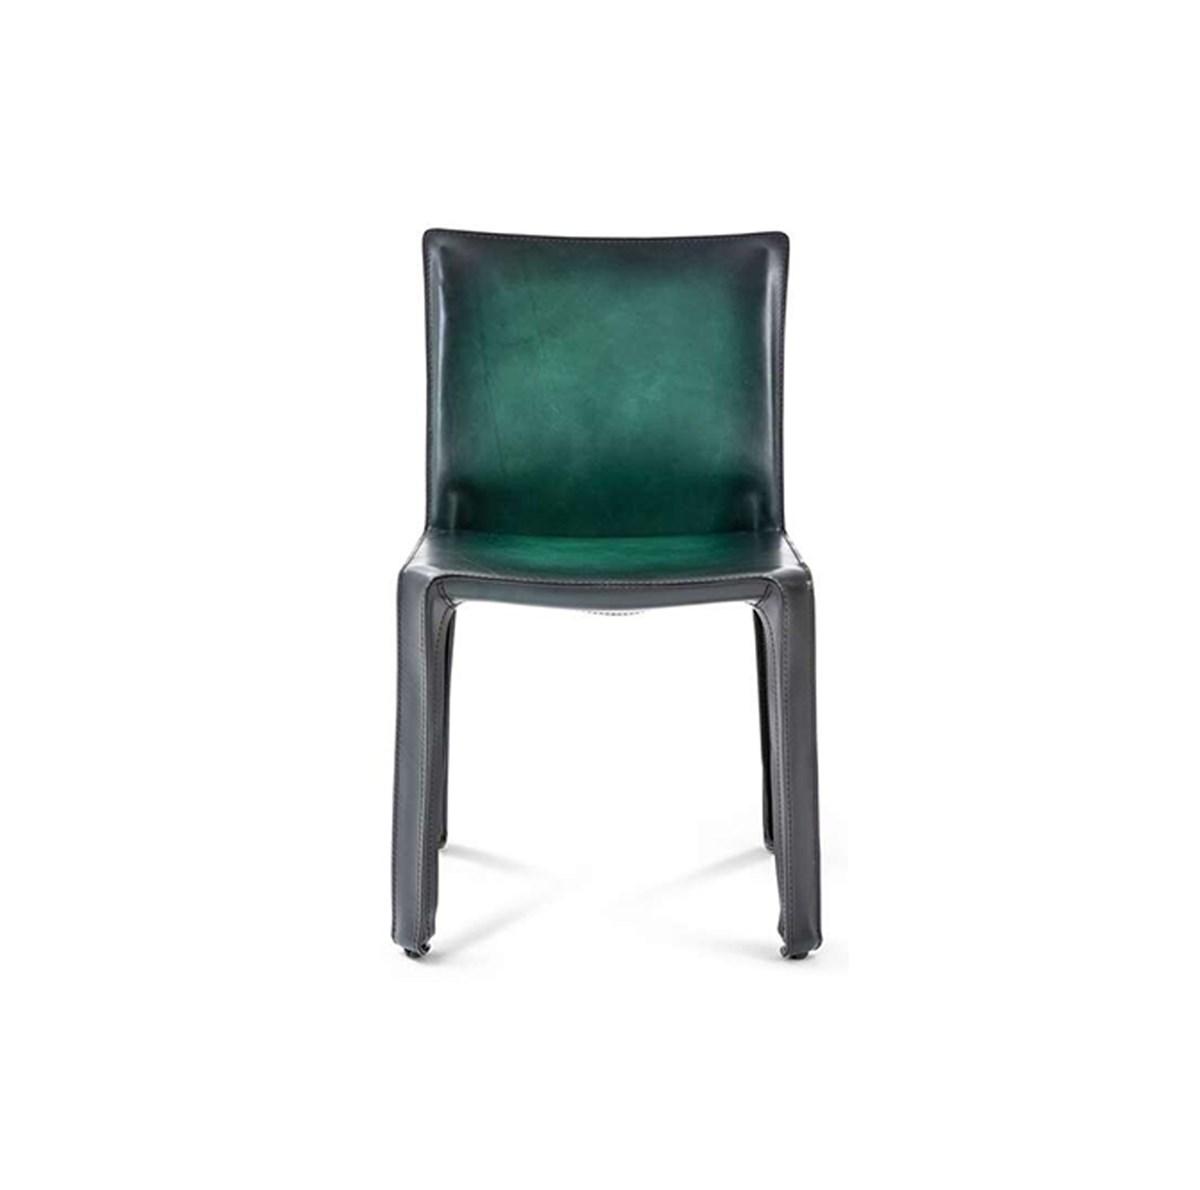 Cassina-Mario-Bellini-Bull-Chair-Matisse-1